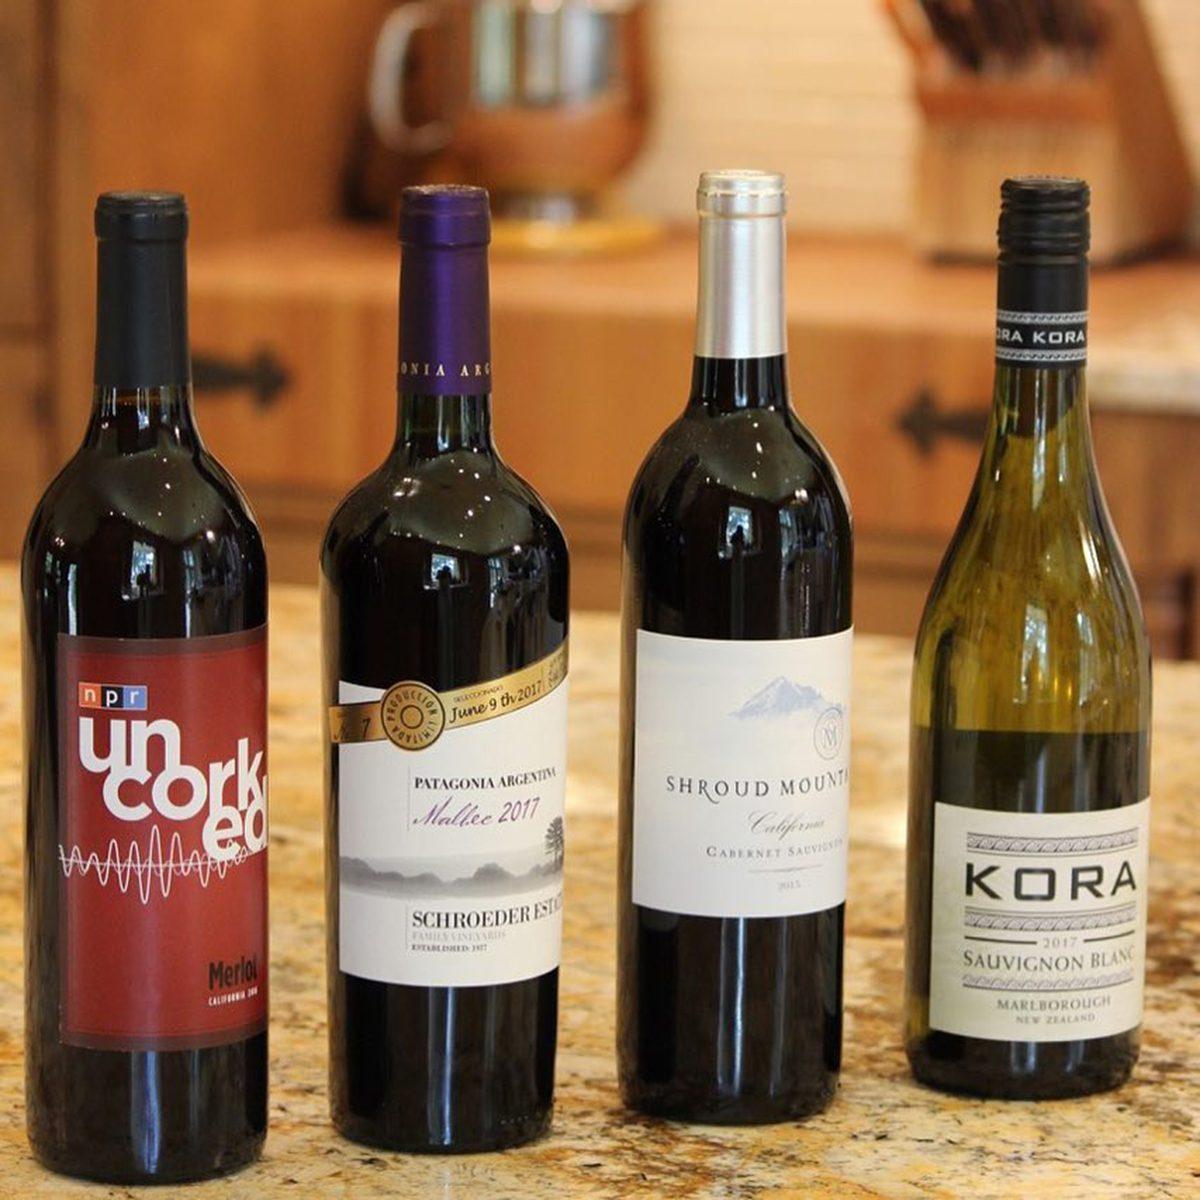 NPR Wine Club wine bottles on table